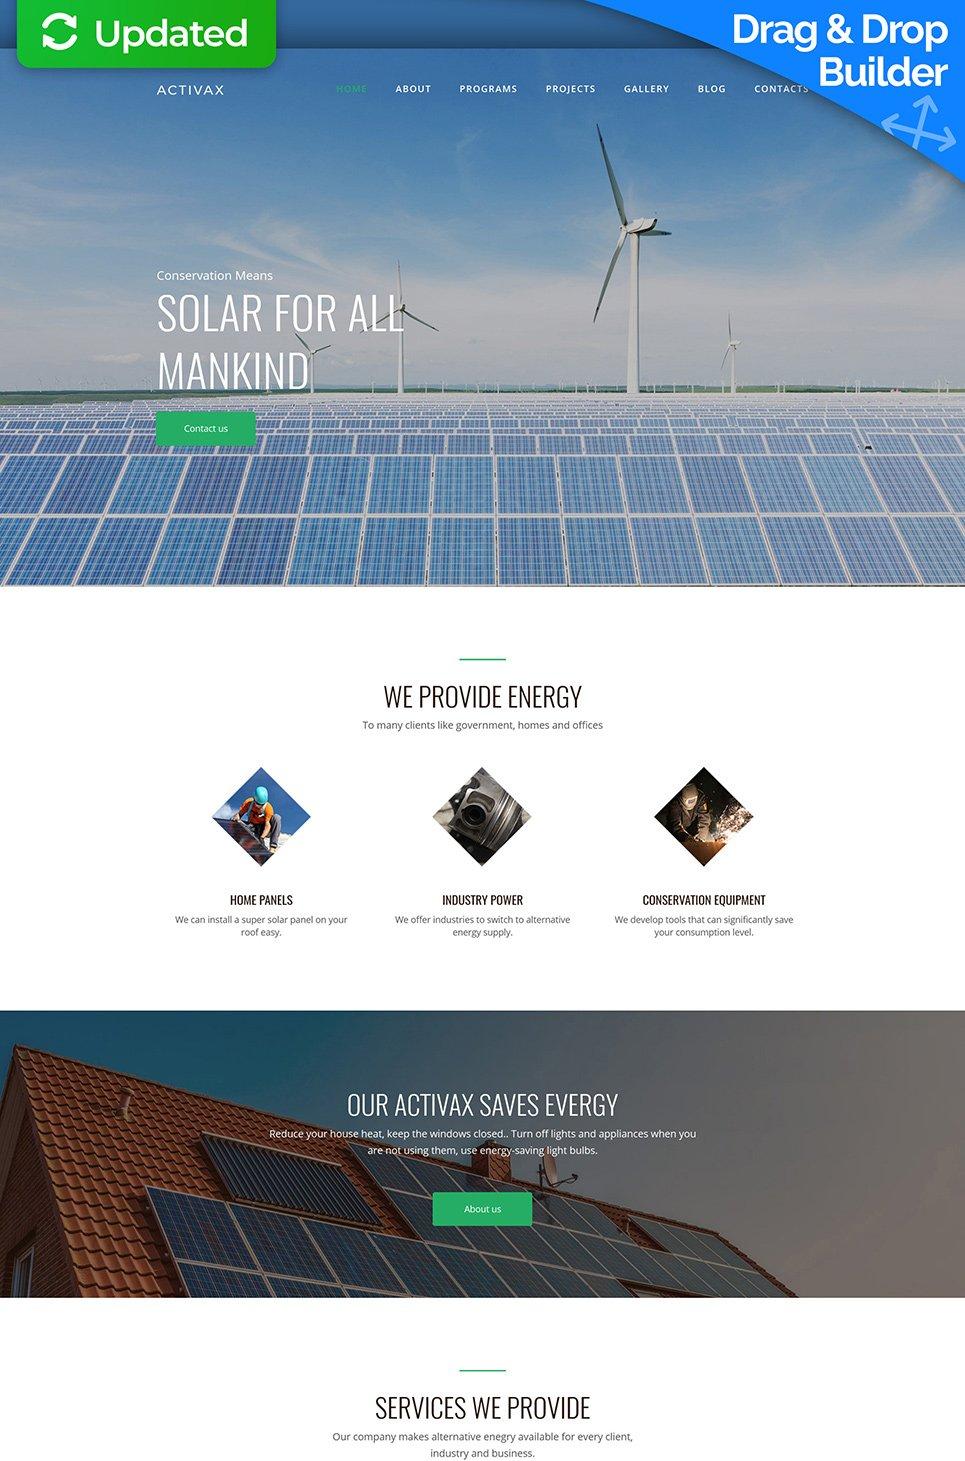 Activax Responsive Website Template - image